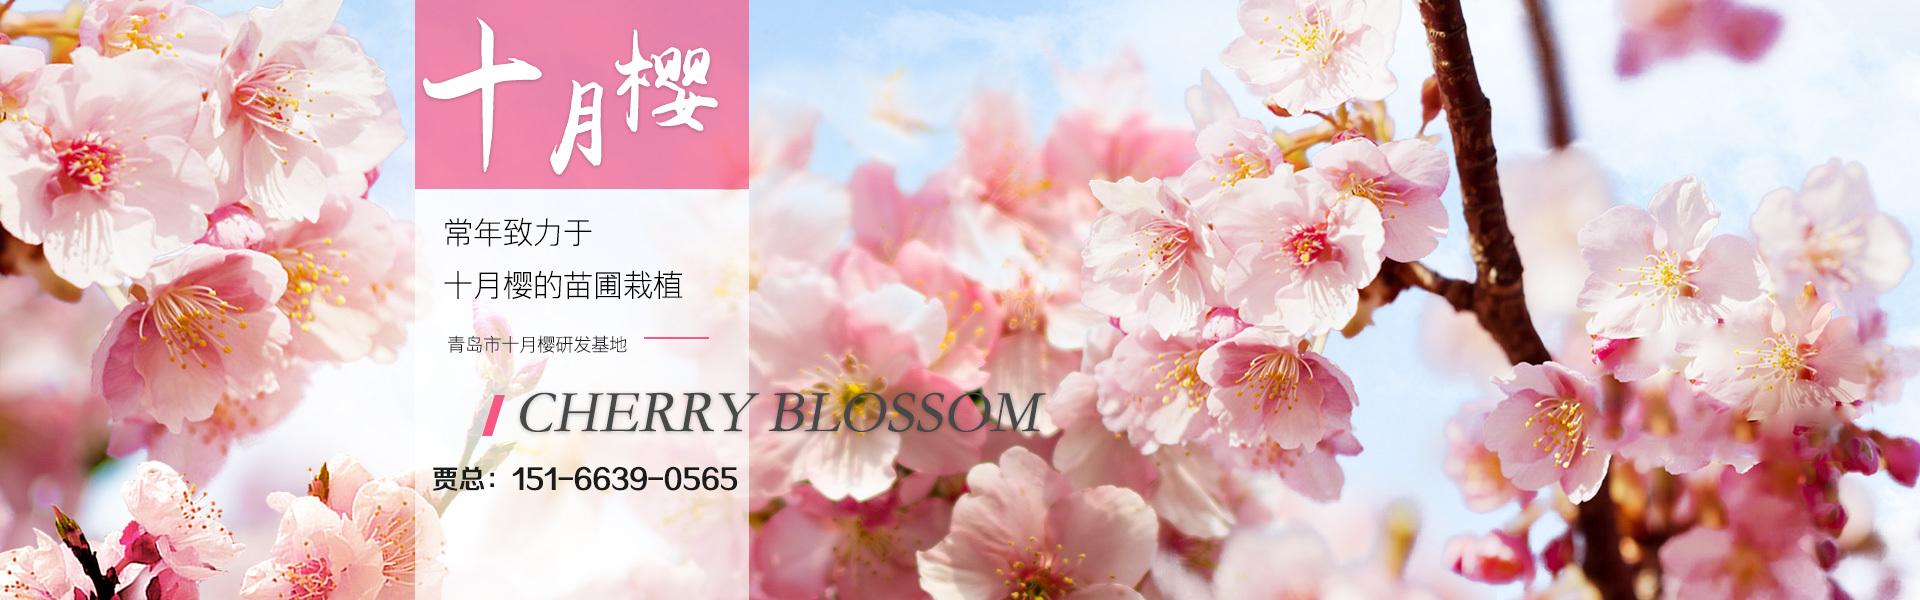 岛市十月樱研发基地精心培育出新品种十月樱,十月樱具有花期特殊、花期长、花色多、耐寒能力强、生长速度快,管理简单等优势。